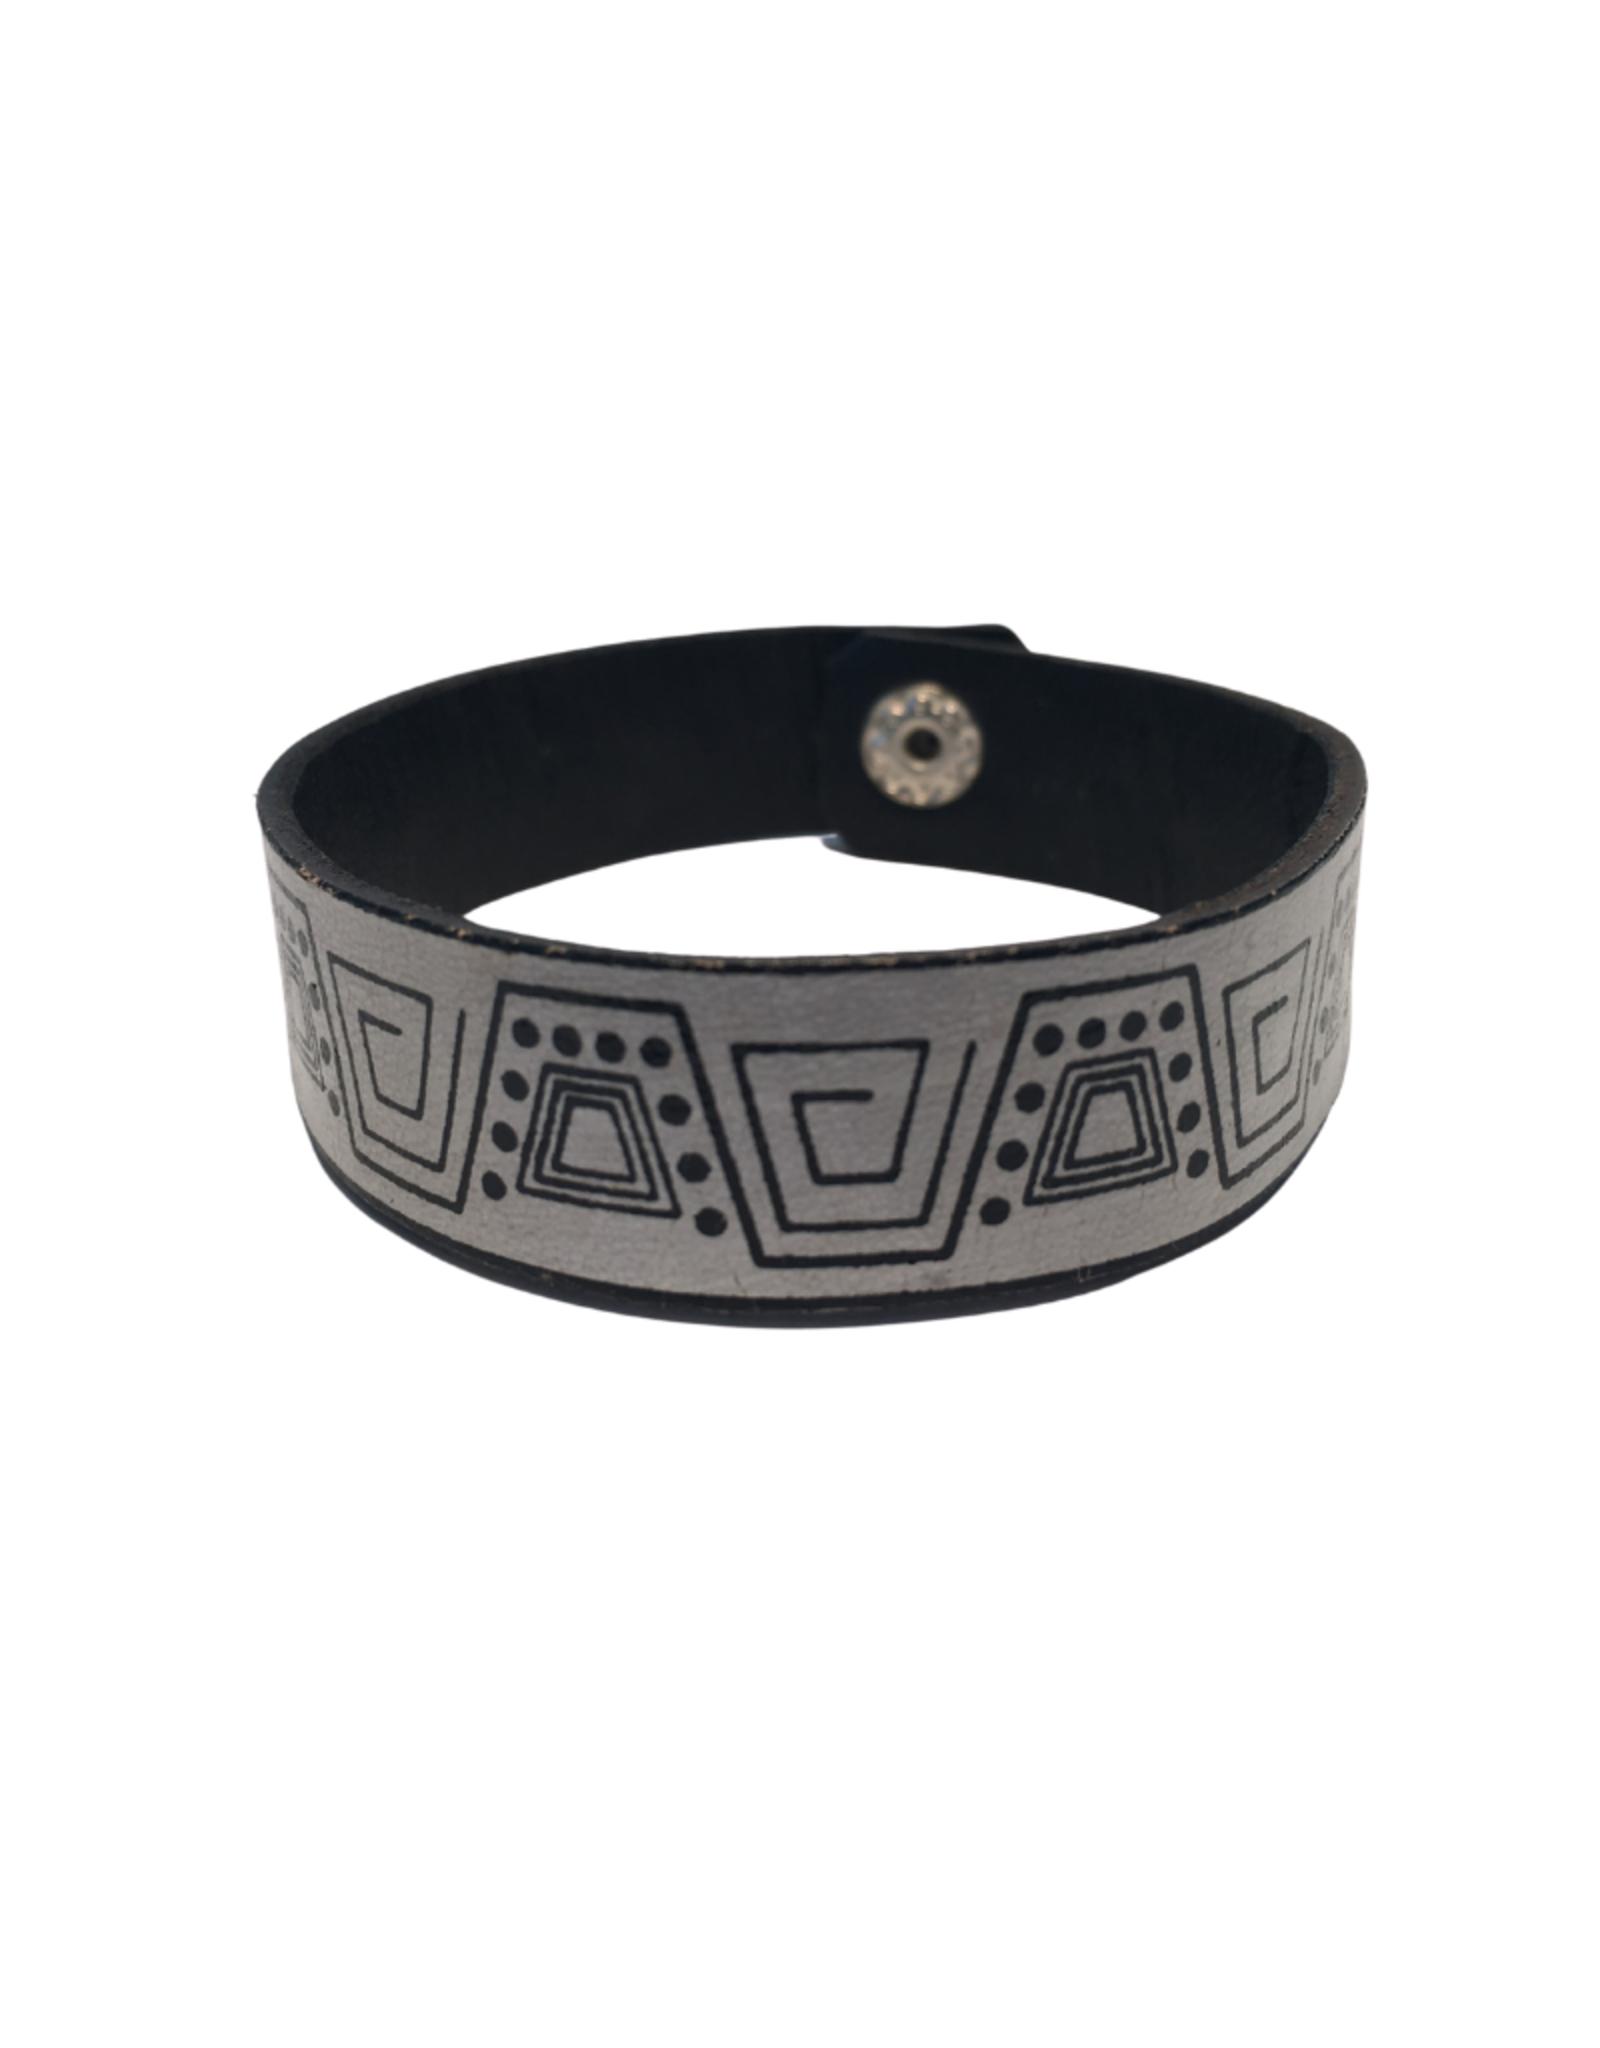 Aztec Motif Leather Bracelet